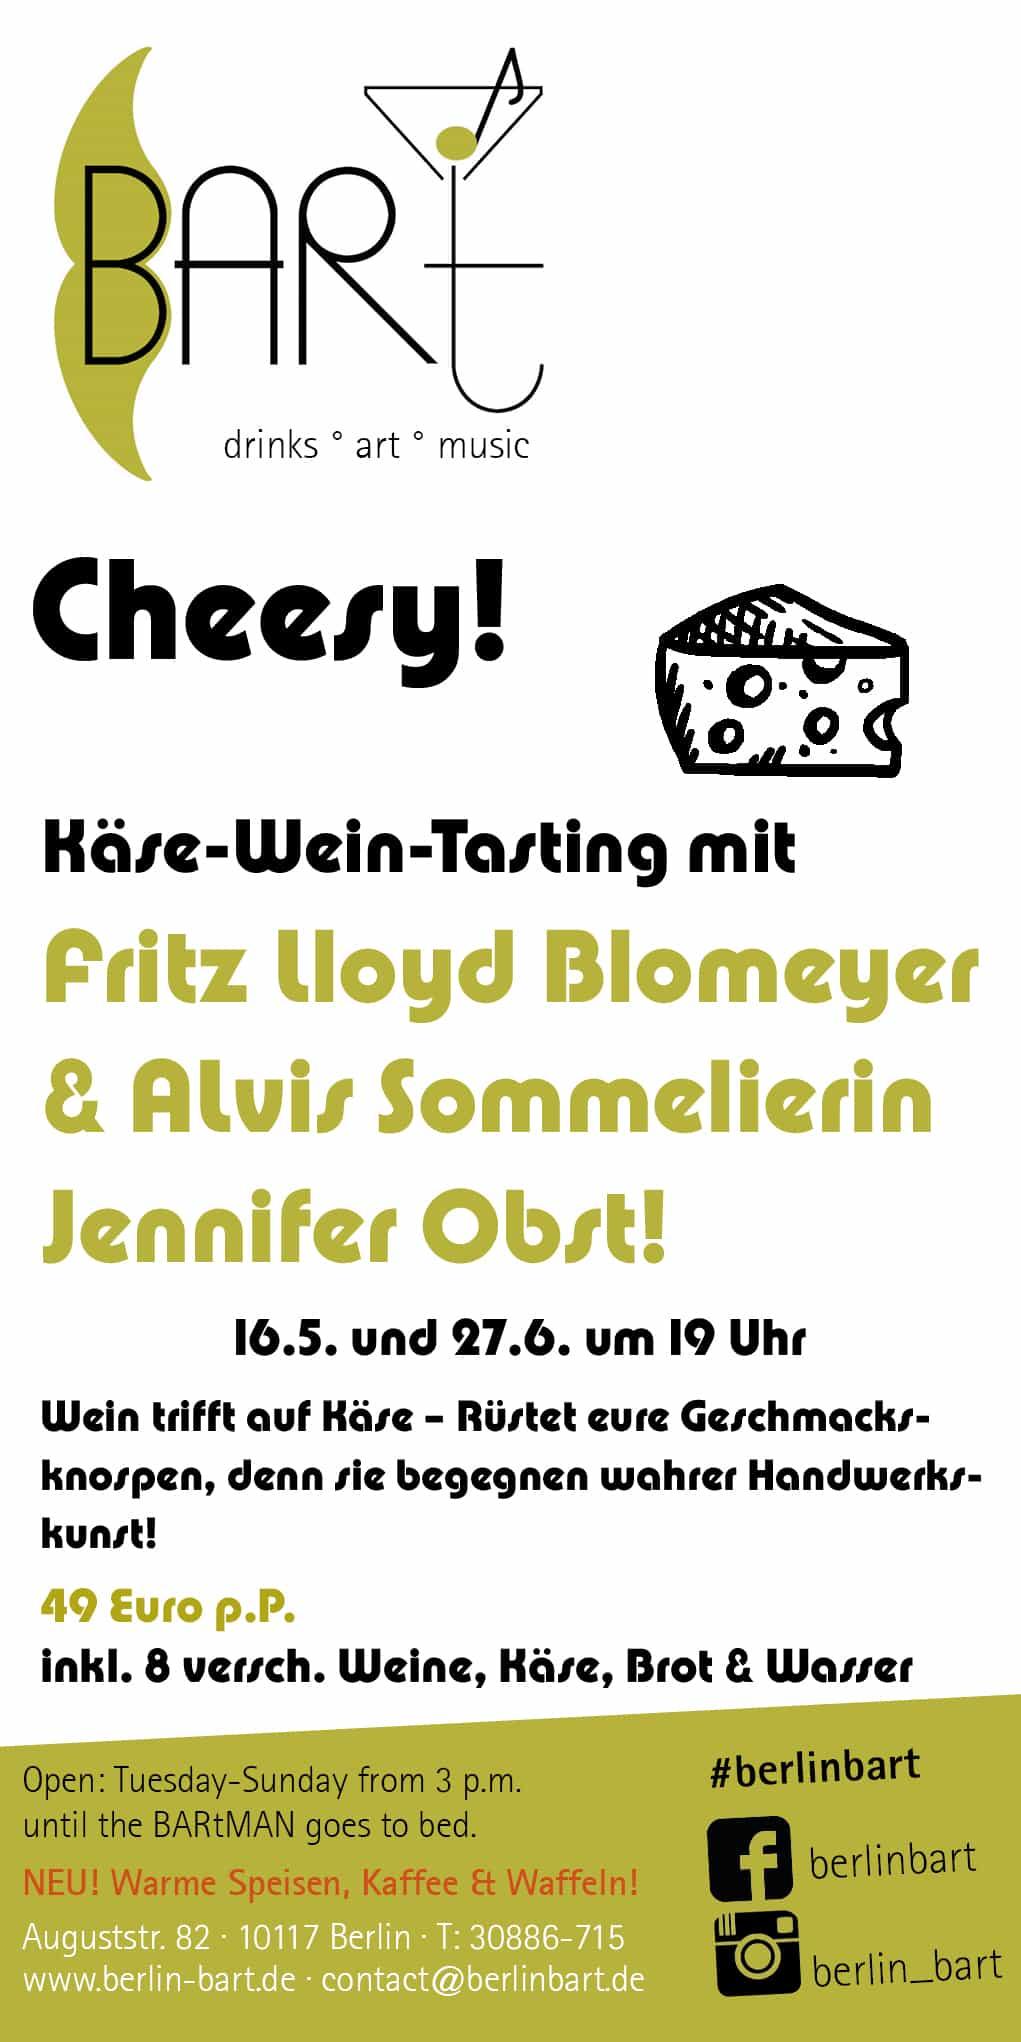 Käse-Wein-Tasting mit ALvis Sommelierin